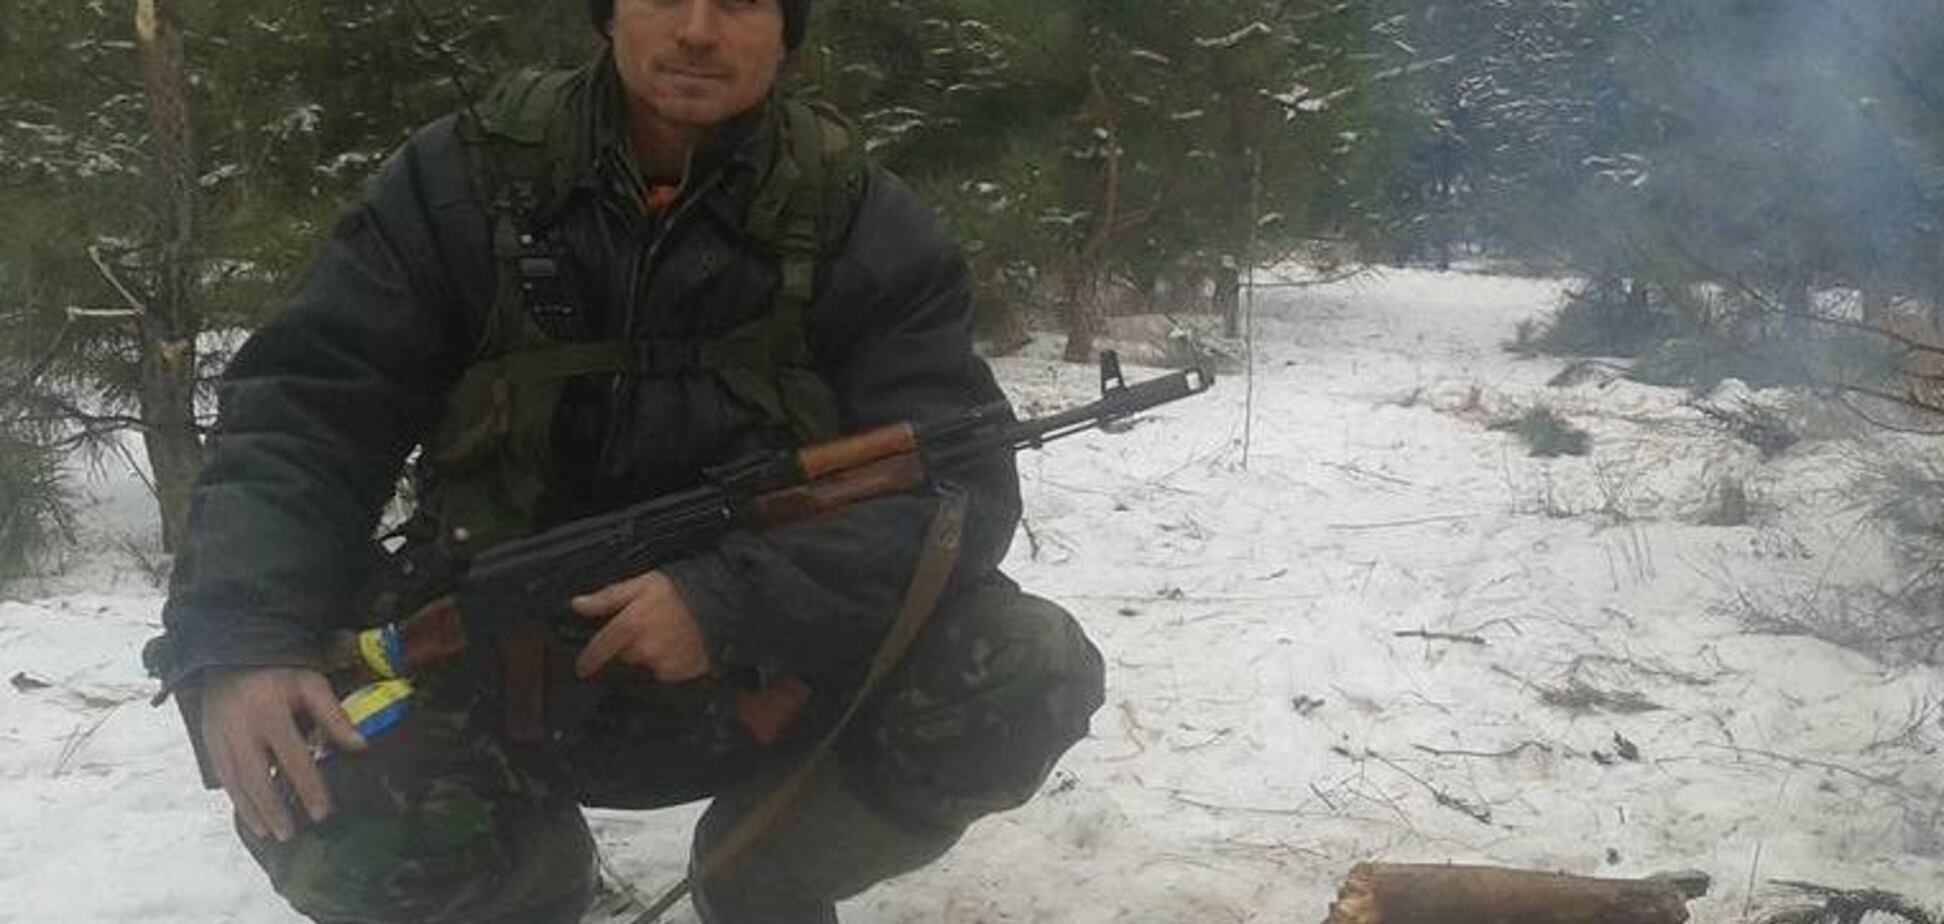 Підірвали на міні: в мережі показали загиблого на Донбасі бійця ЗСУ